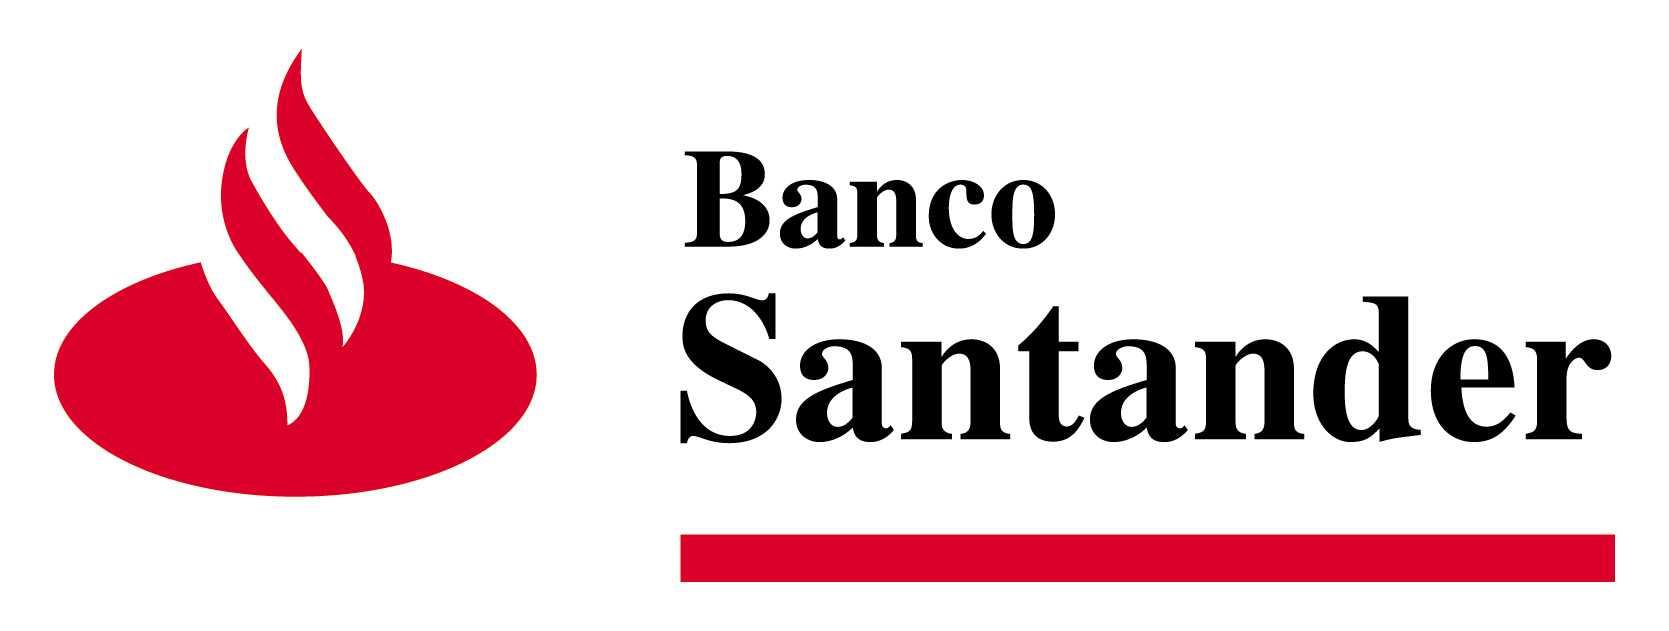 santander bank mexico